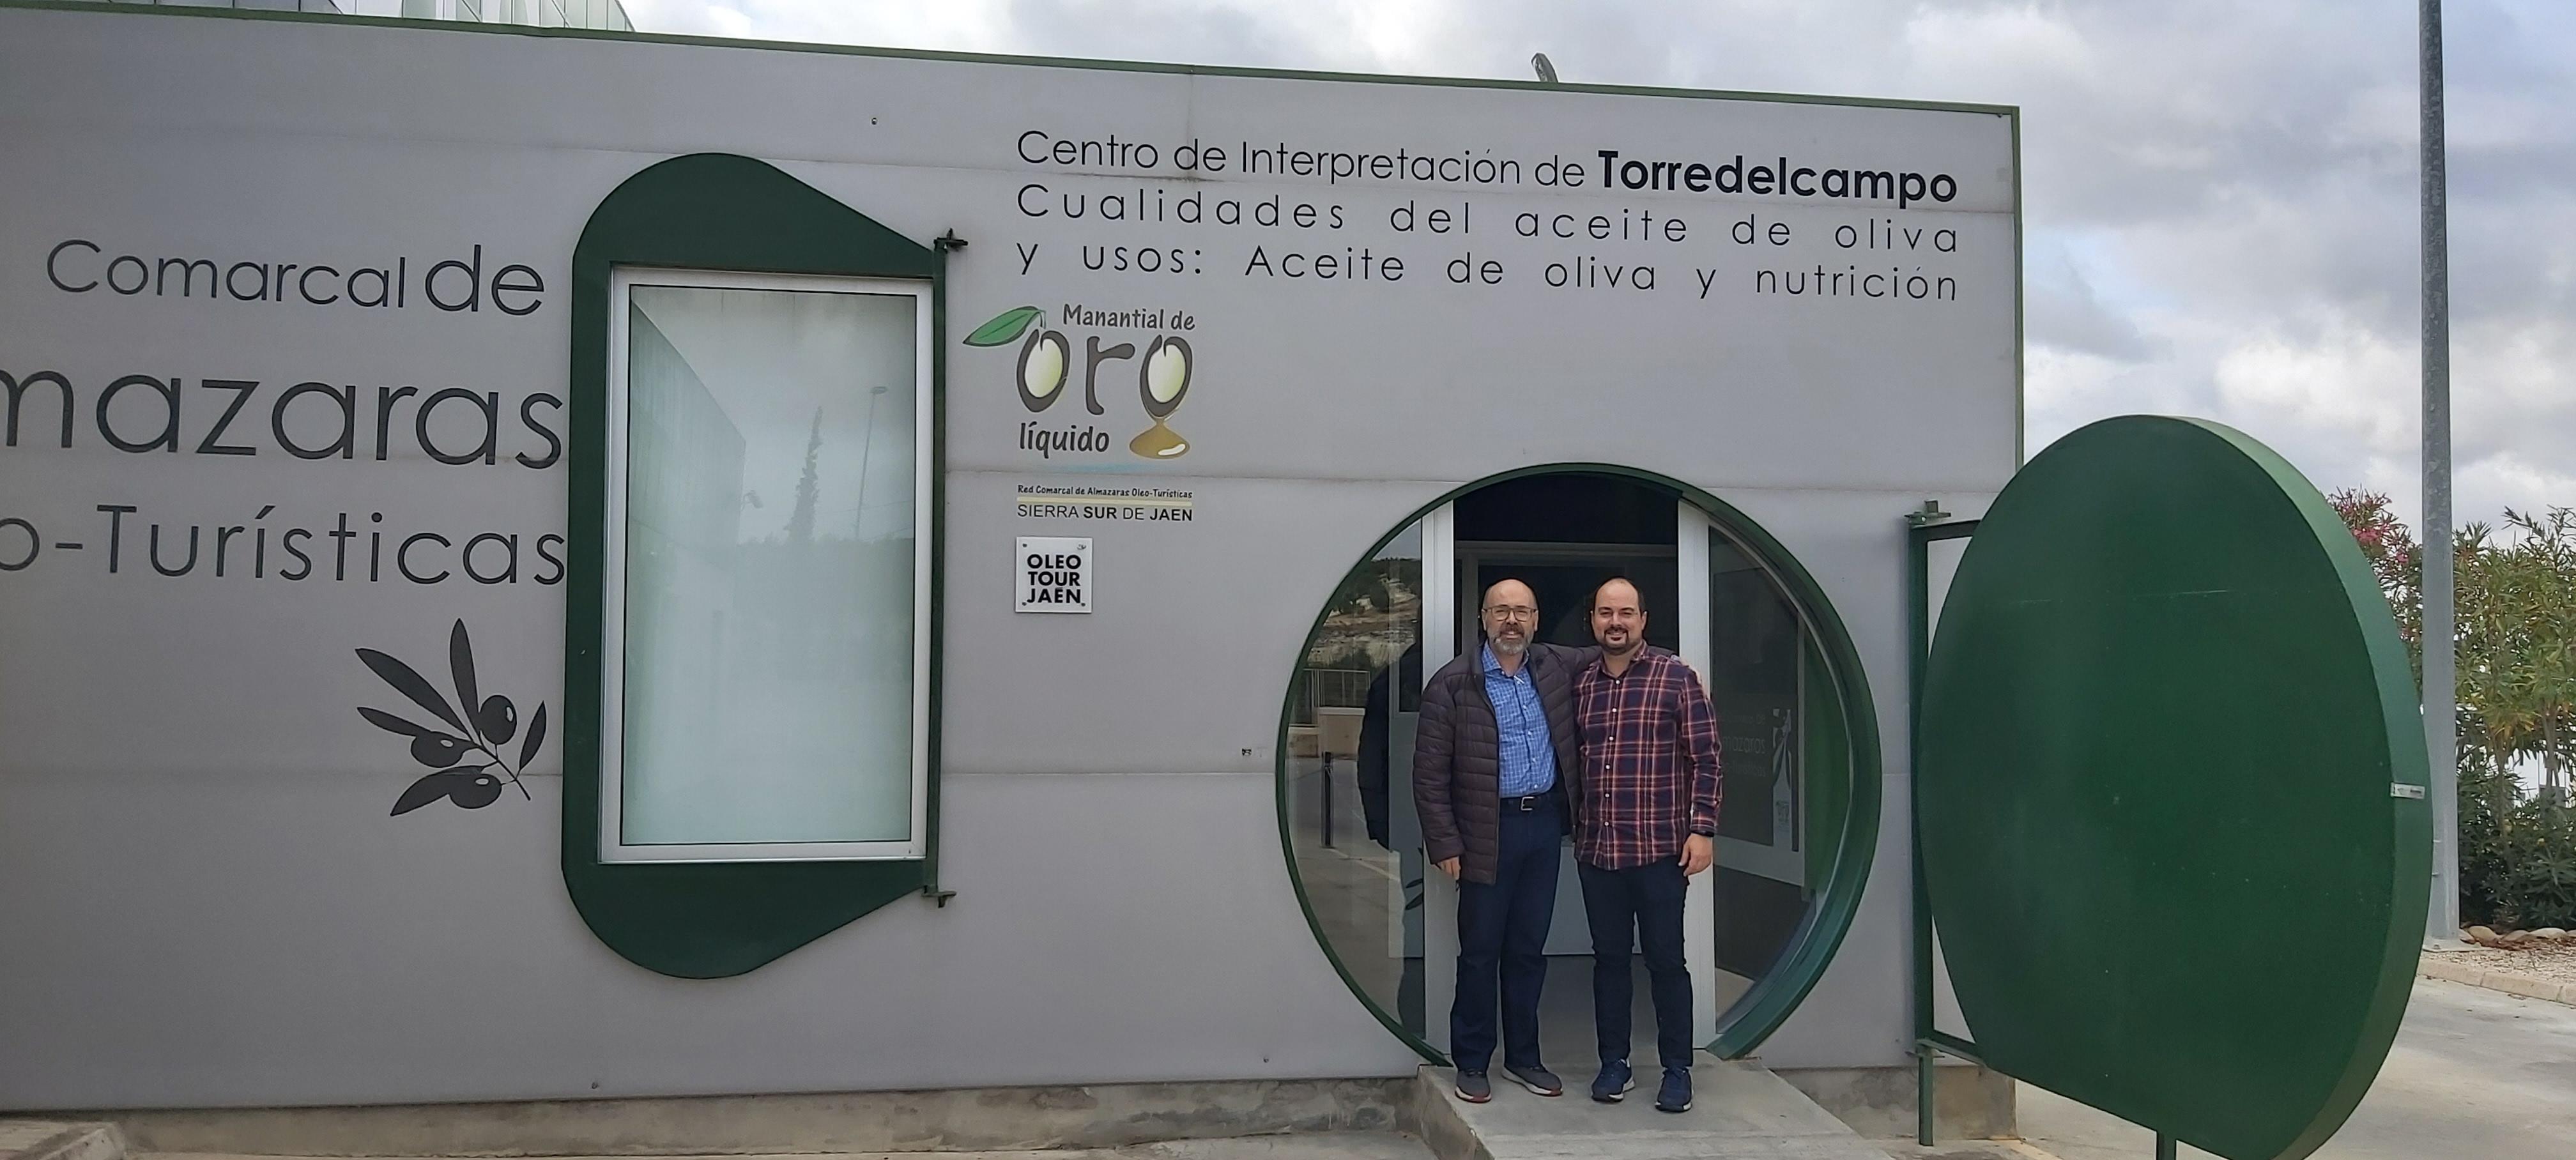 """Professor Flávio Sacco dos Anjos realiza missão: """"Trajetórias de Valorização da Cultura e do Patrimônio Agroalimentar na Andaluzia e no Rio Grande do Sul"""""""